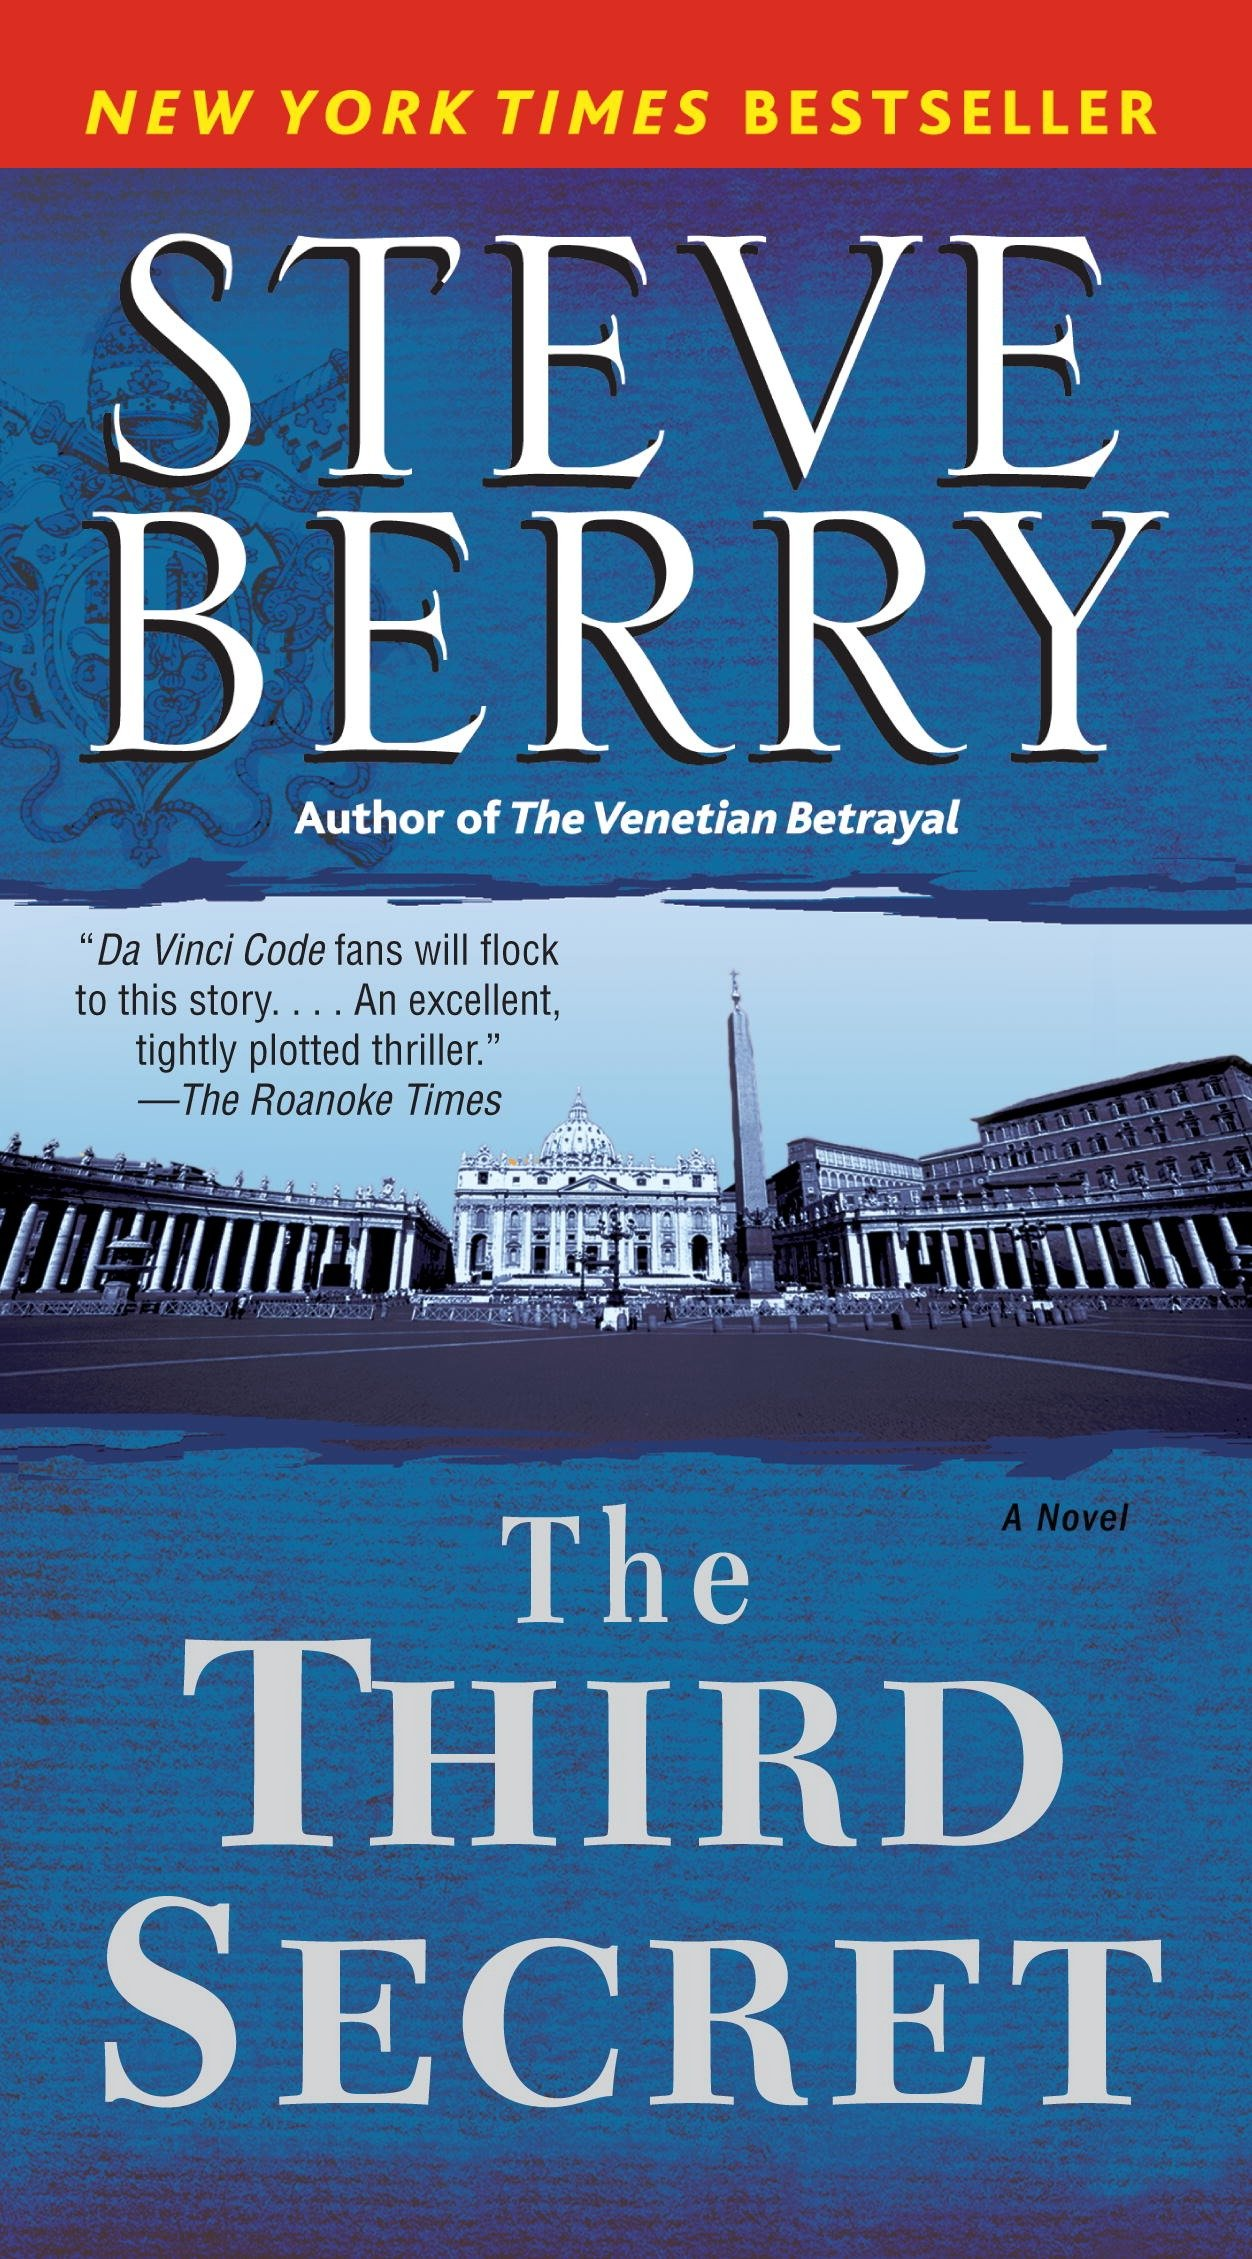 The third secret a novel of suspense cover image